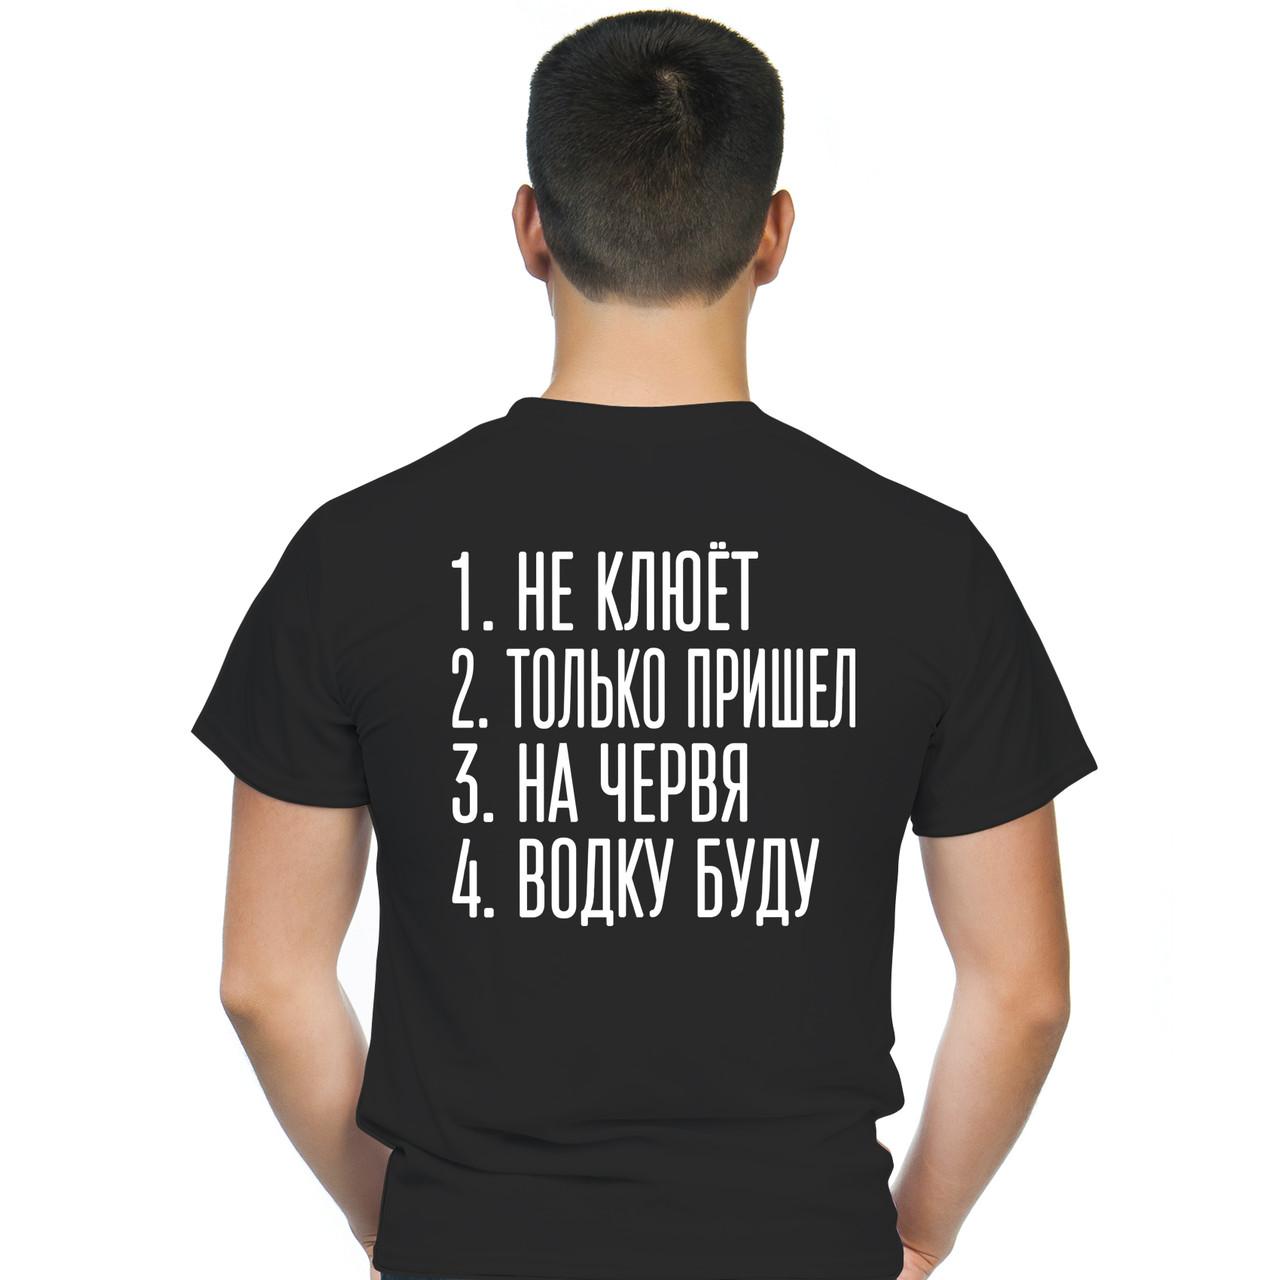 футболка с надписью не клюет только пришел на червя водку буду